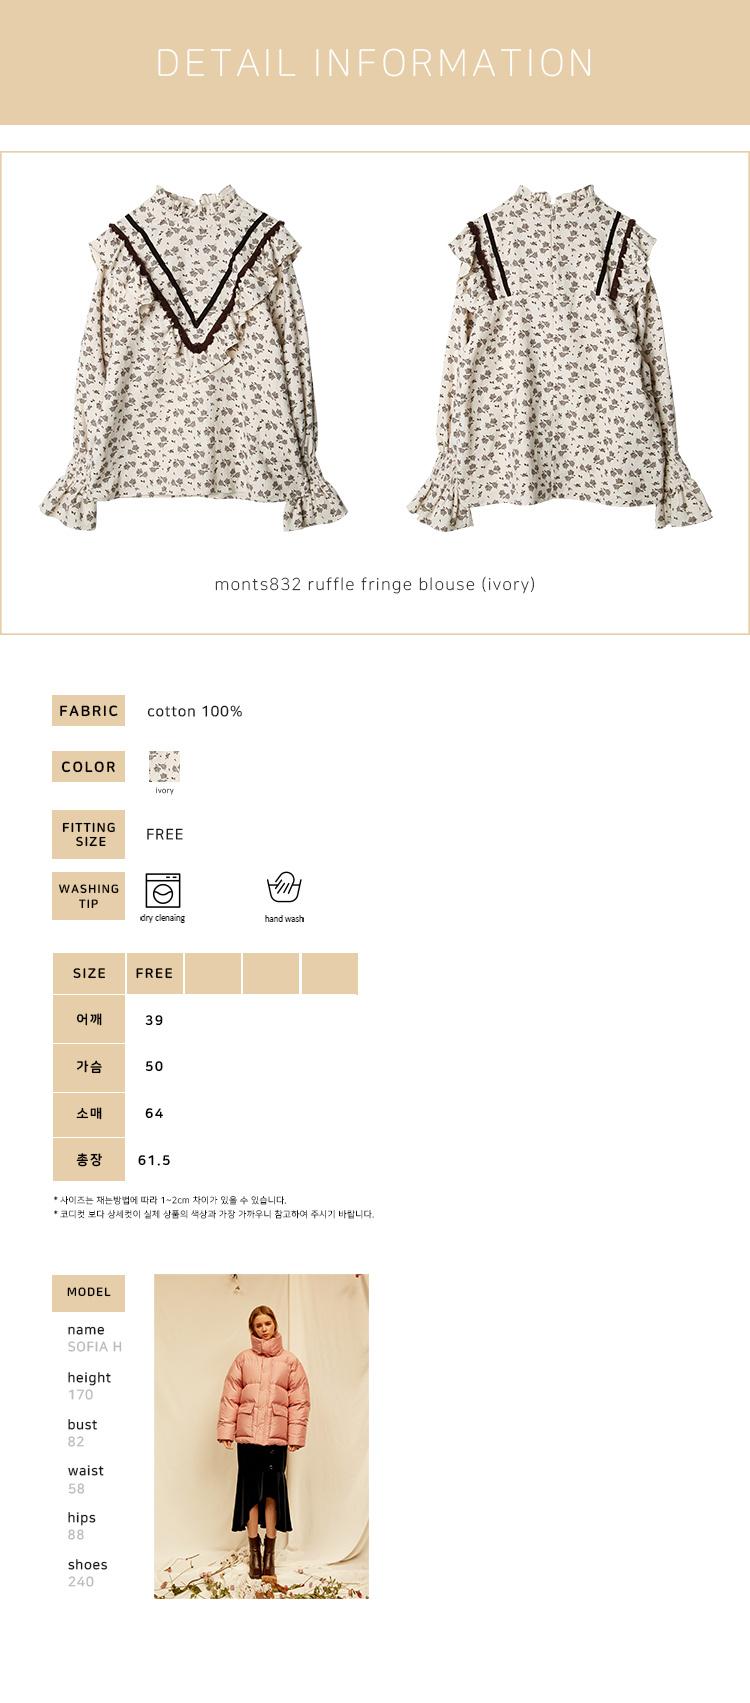 몬츠(MONTS) 832 ruffle fringe blouse (ivory)